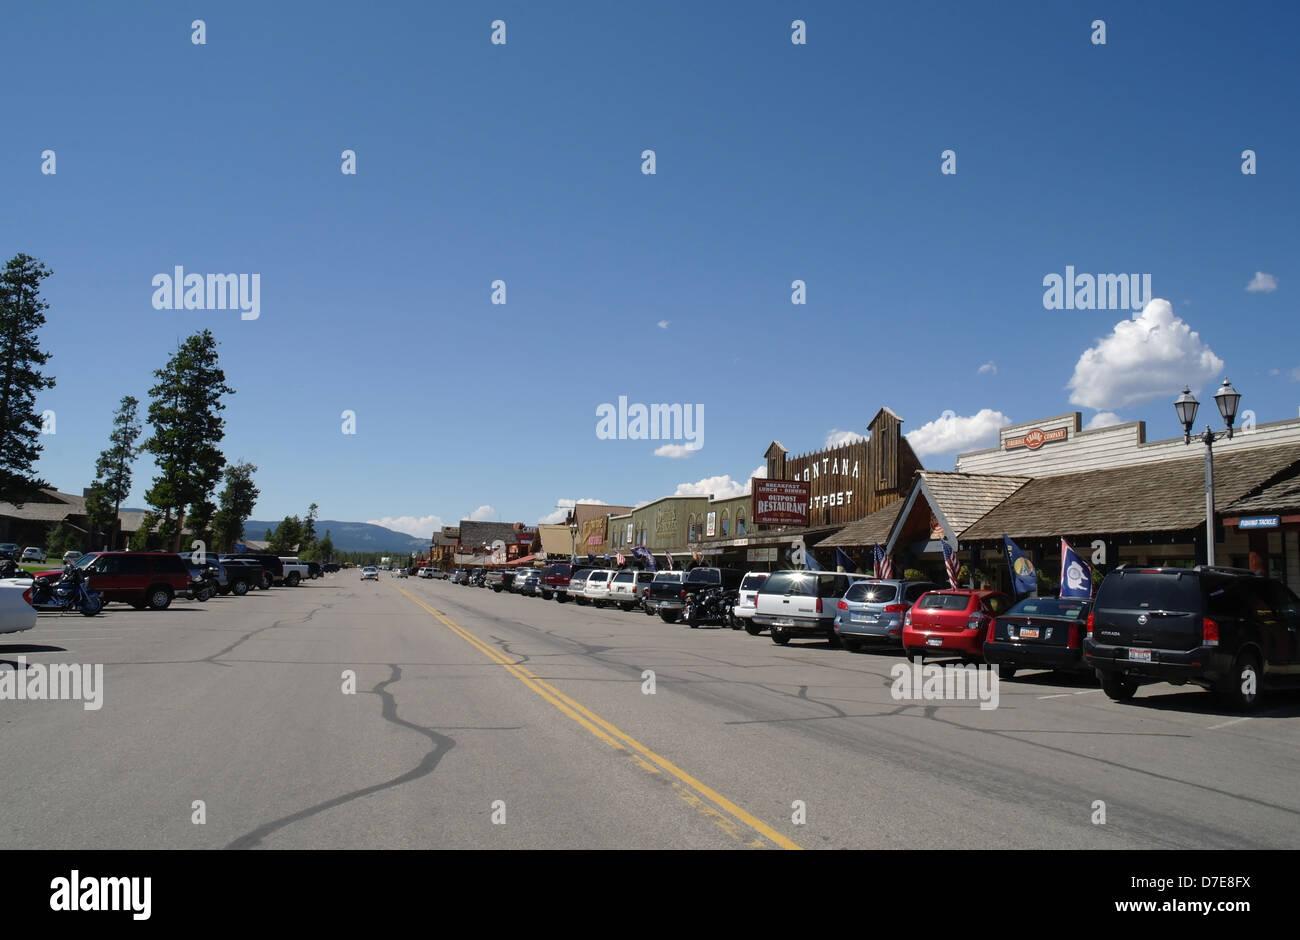 Blue Sky ver muchos coches aparcados los caminos de asfalto gris  Yellowstone Avenue en la calle e7799f57bc0